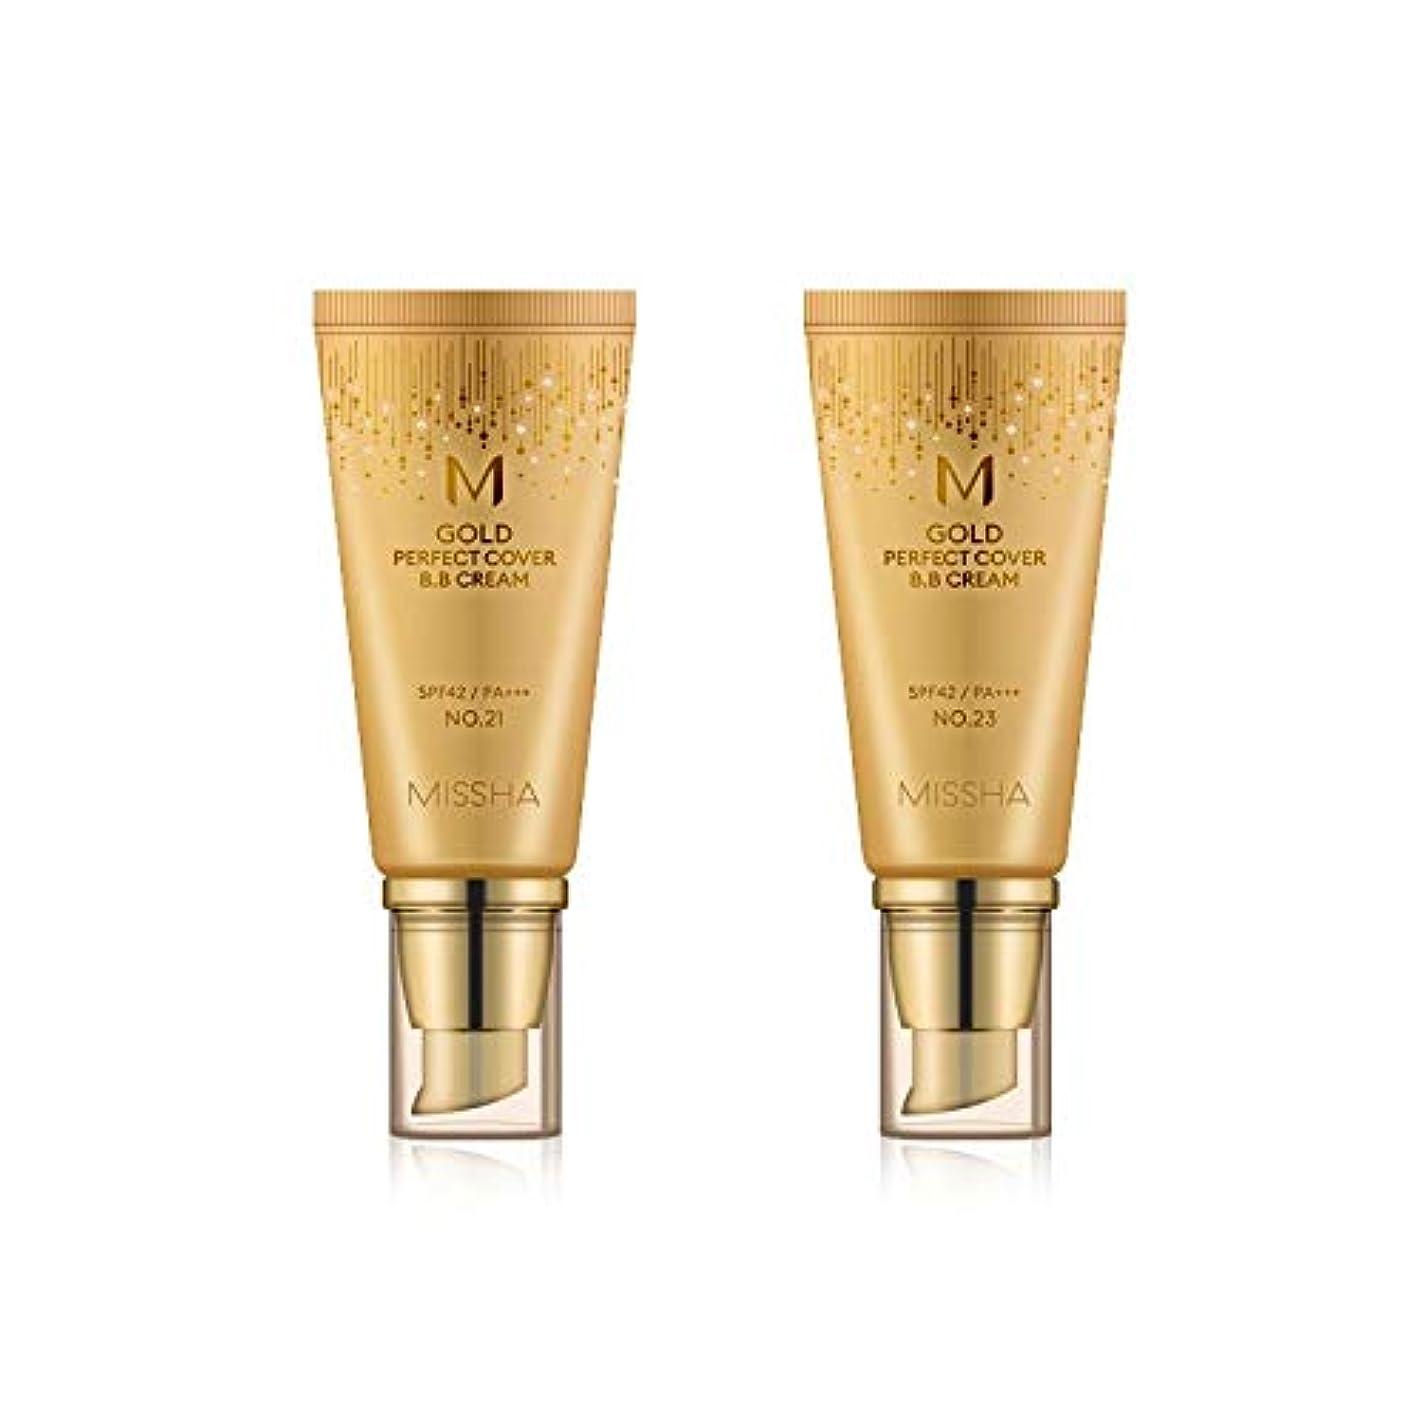 肥料パーティションモールMISSHA Gold Perfecte Cover BB Cream SPF42 PA+++ / ミシャ ゴールド パーフェクト カバー BBクリーム 50ml *NO.21 [並行輸入品]